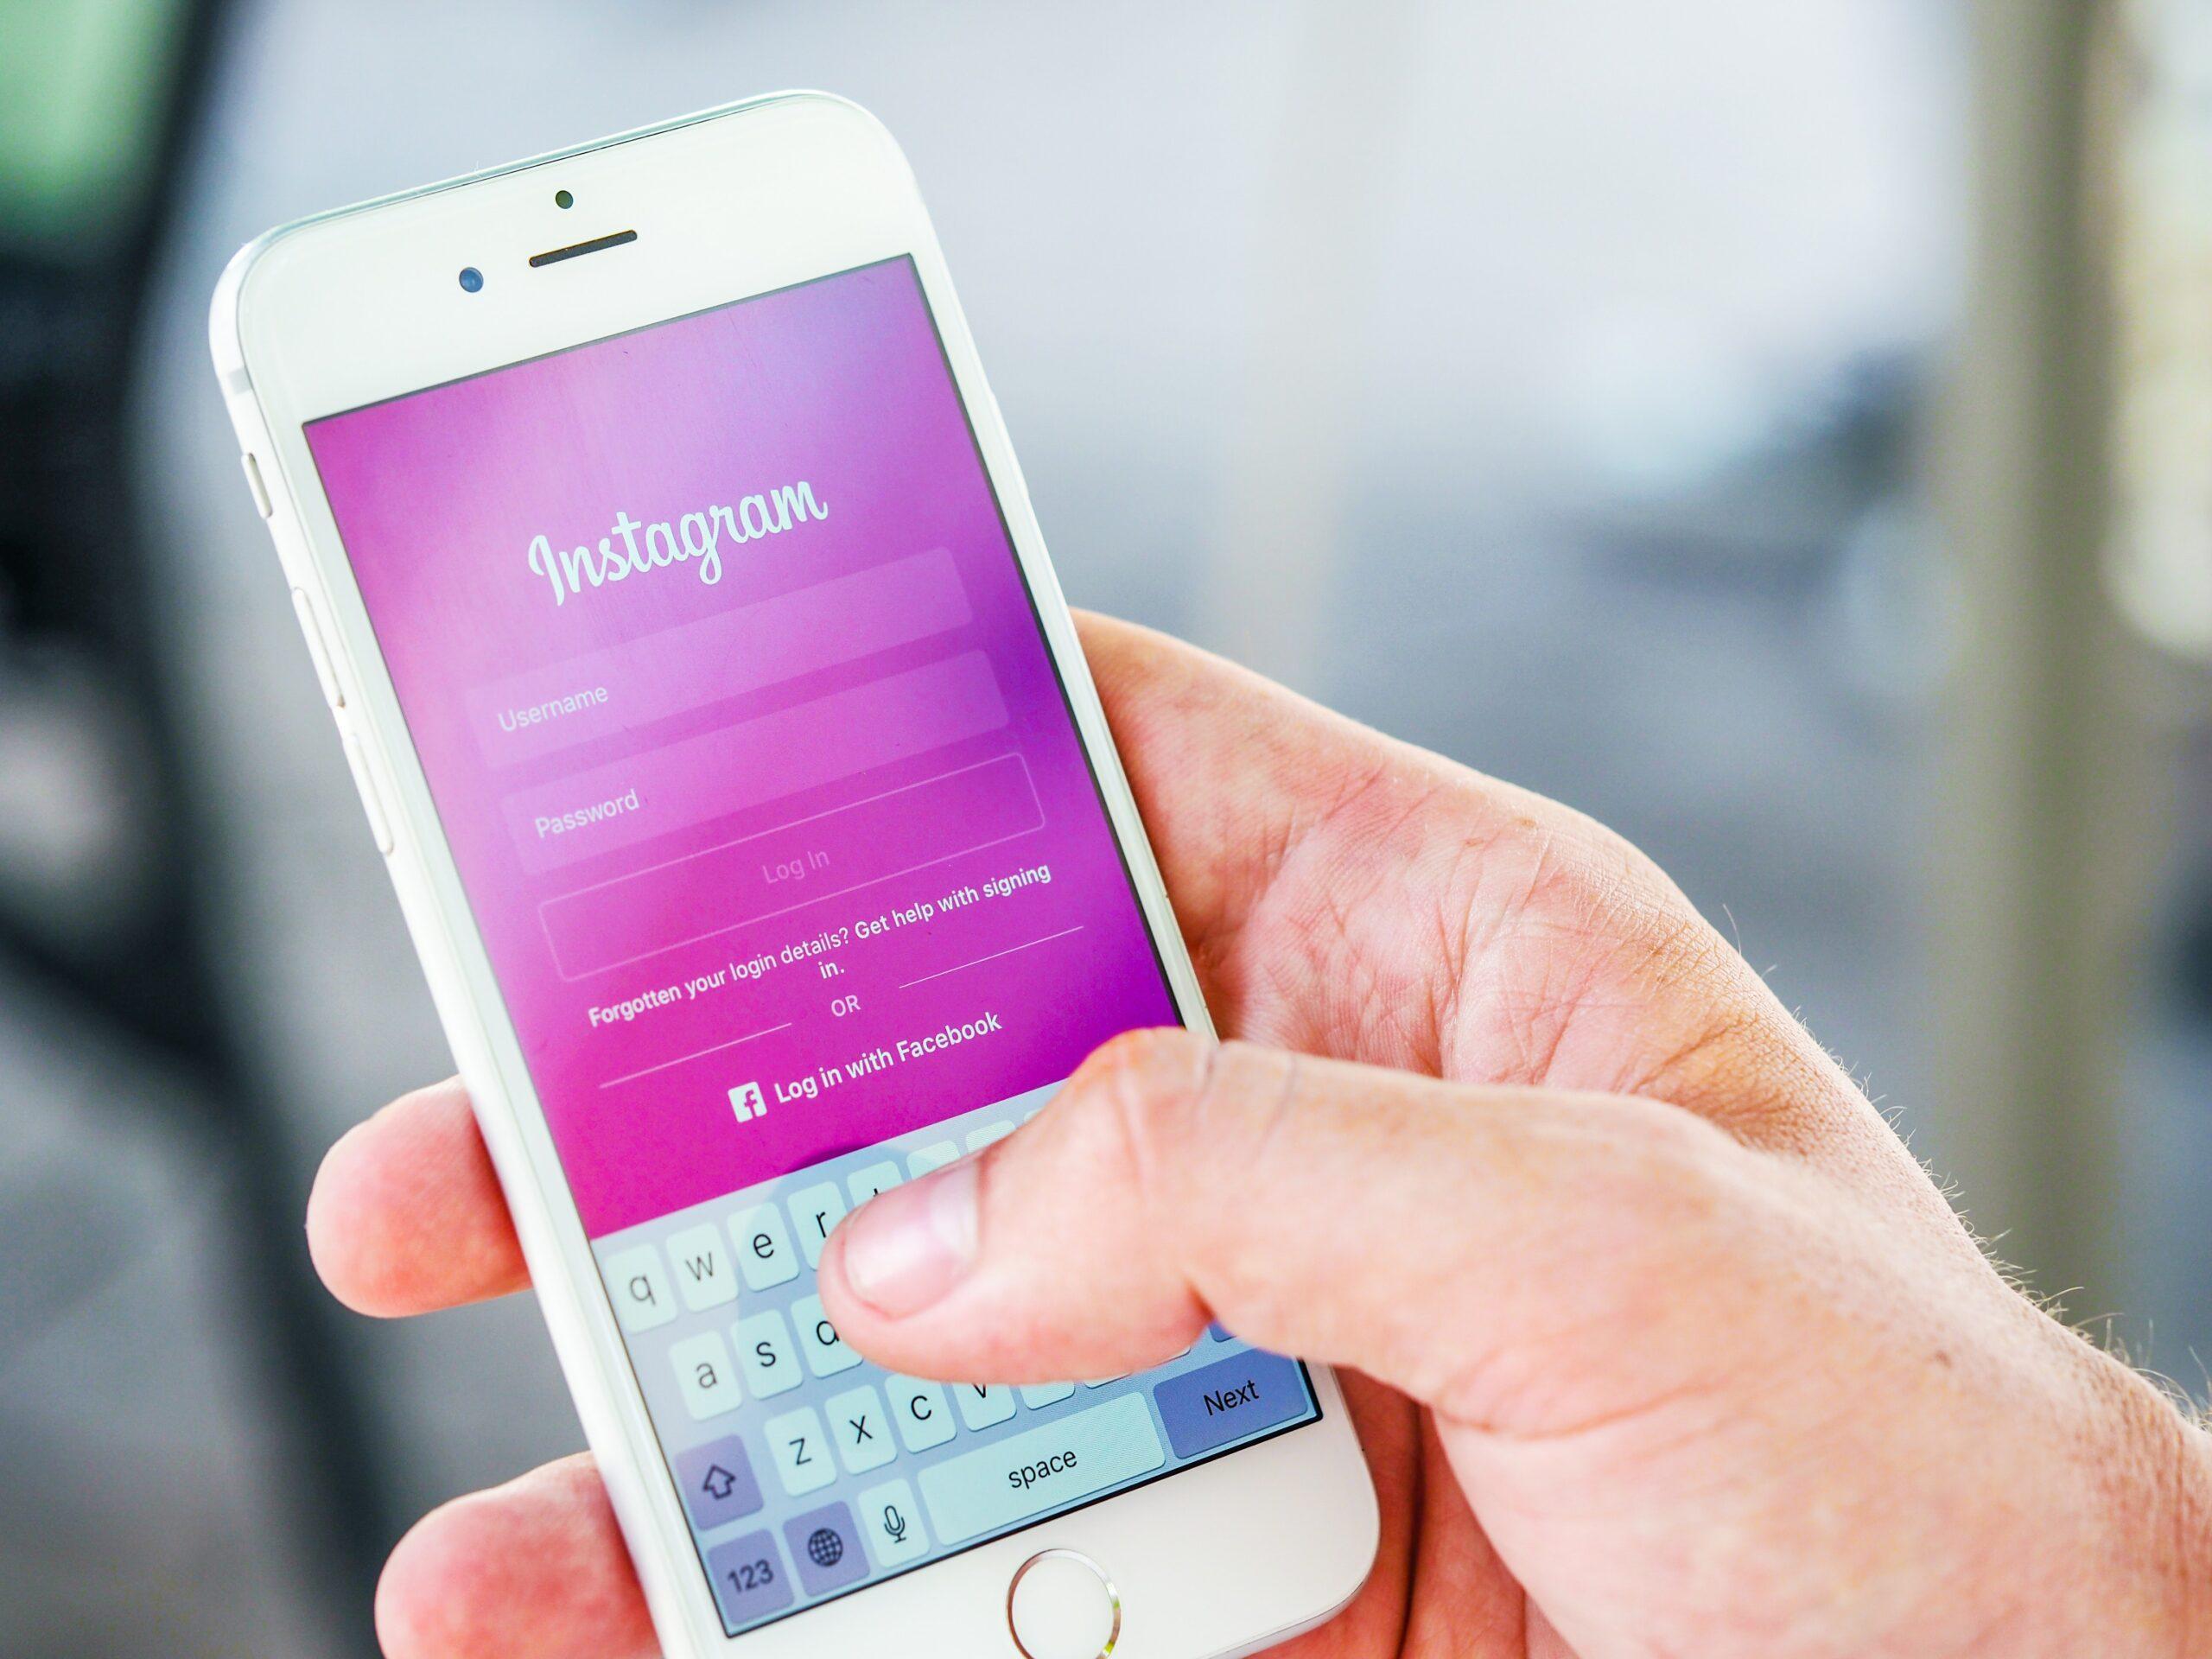 à télécharger canevas gratuit pour votre stratégie instagram